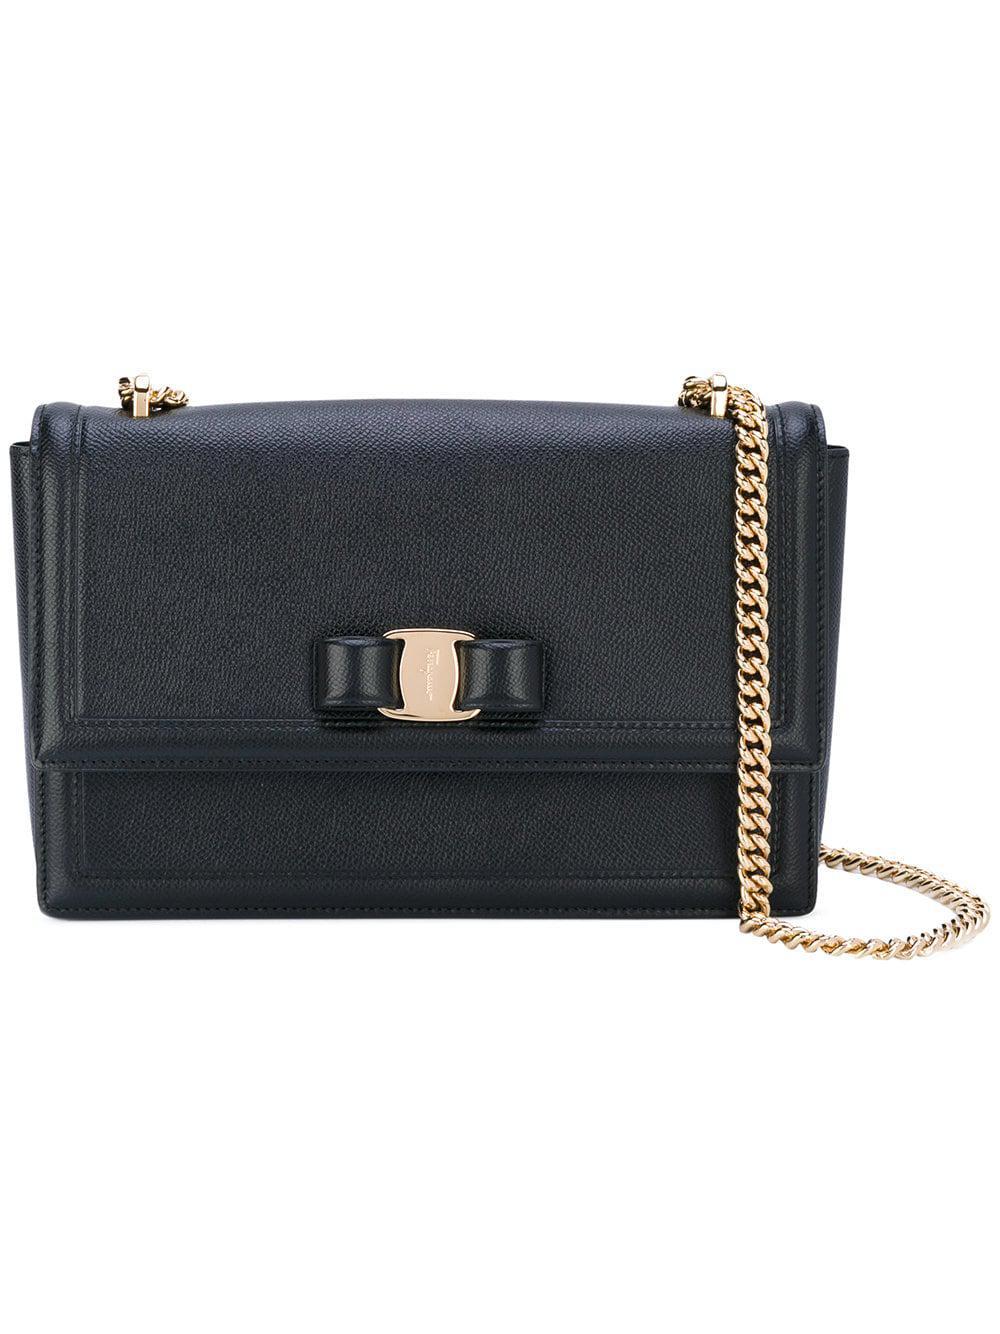 f05f813ea130 Lyst - Ferragamo Ginny Leather Shoulder Bag in Black - Save ...